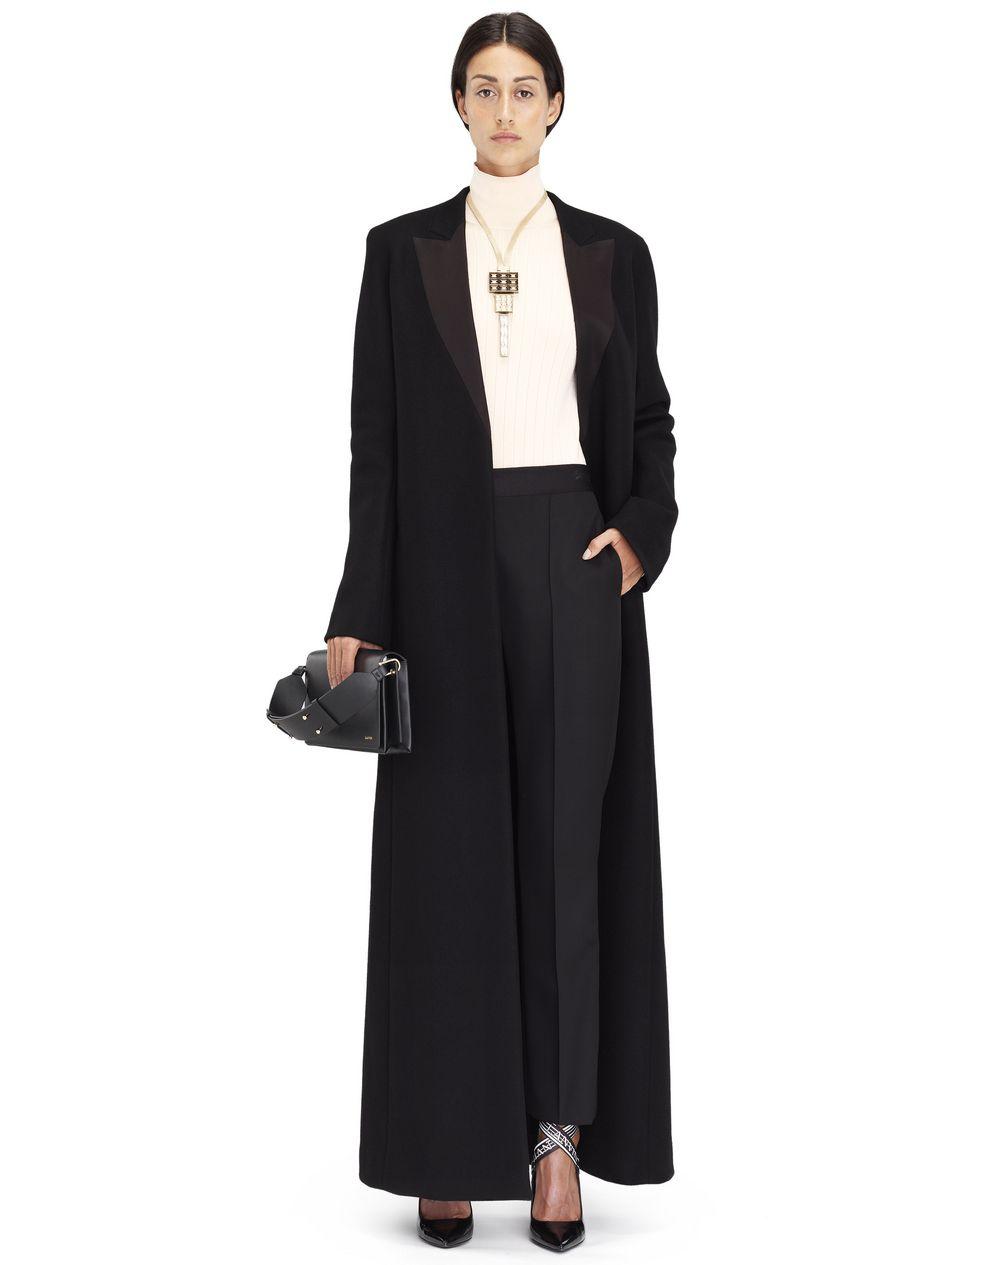 Manteau long en double cachemire noir , Lanvin – Prix €4 985